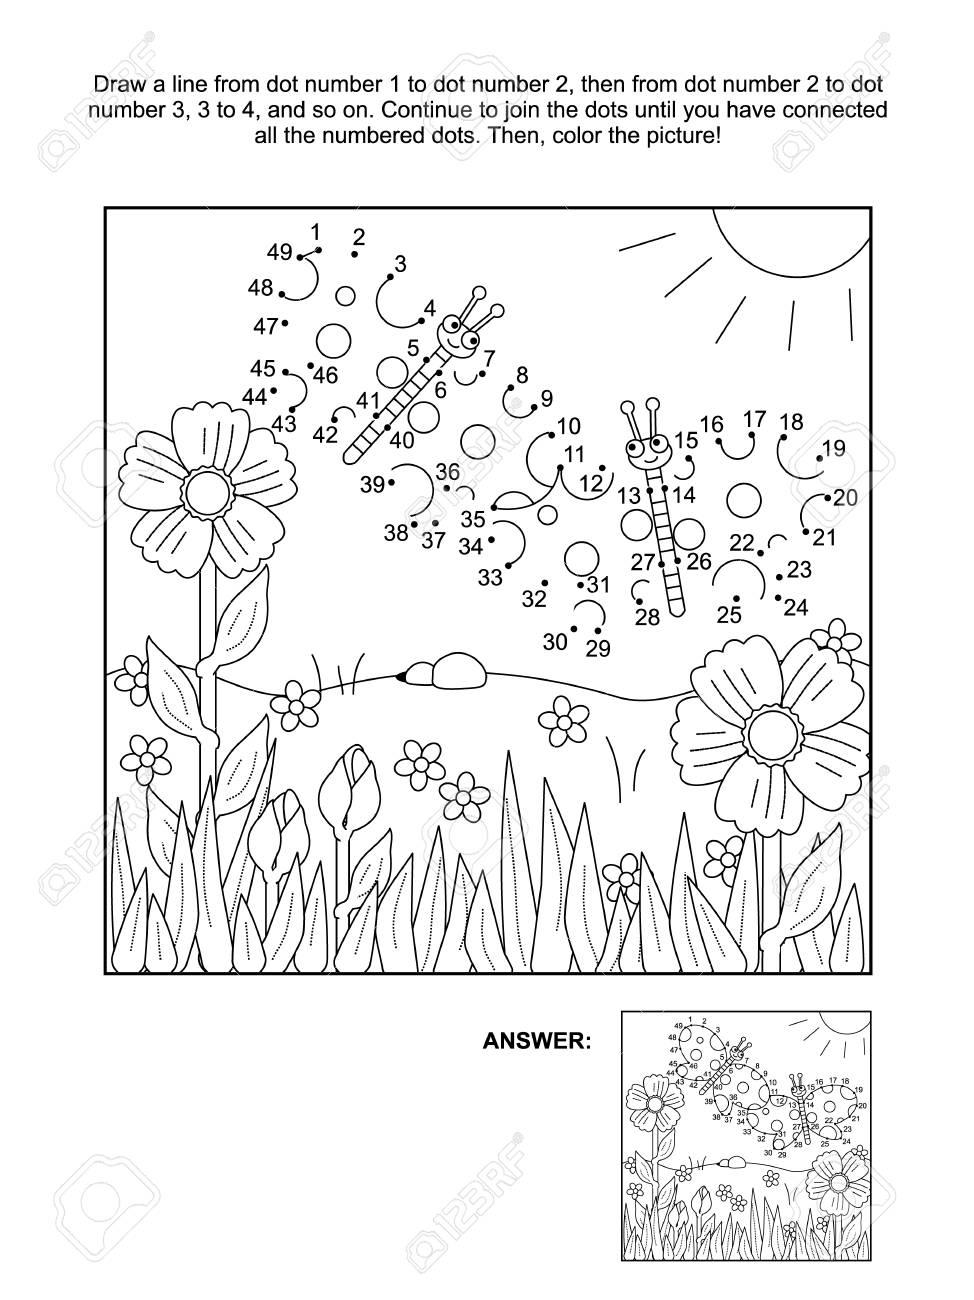 Fein Einfache Frühling Malvorlagen Bilder - Druckbare Malvorlagen ...